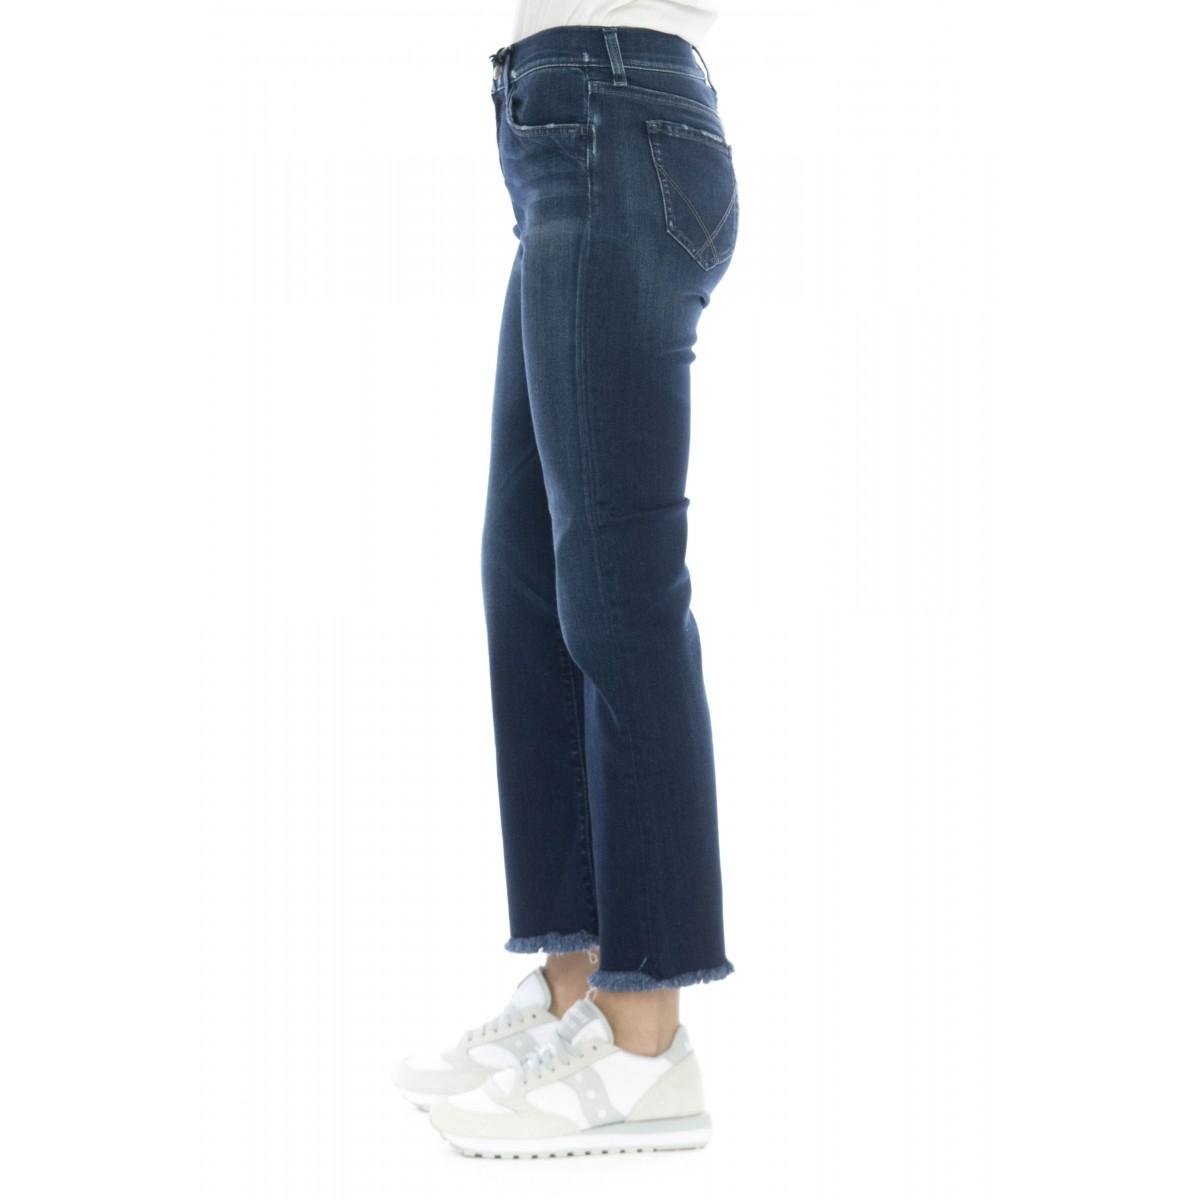 Jeans - Zandra beren